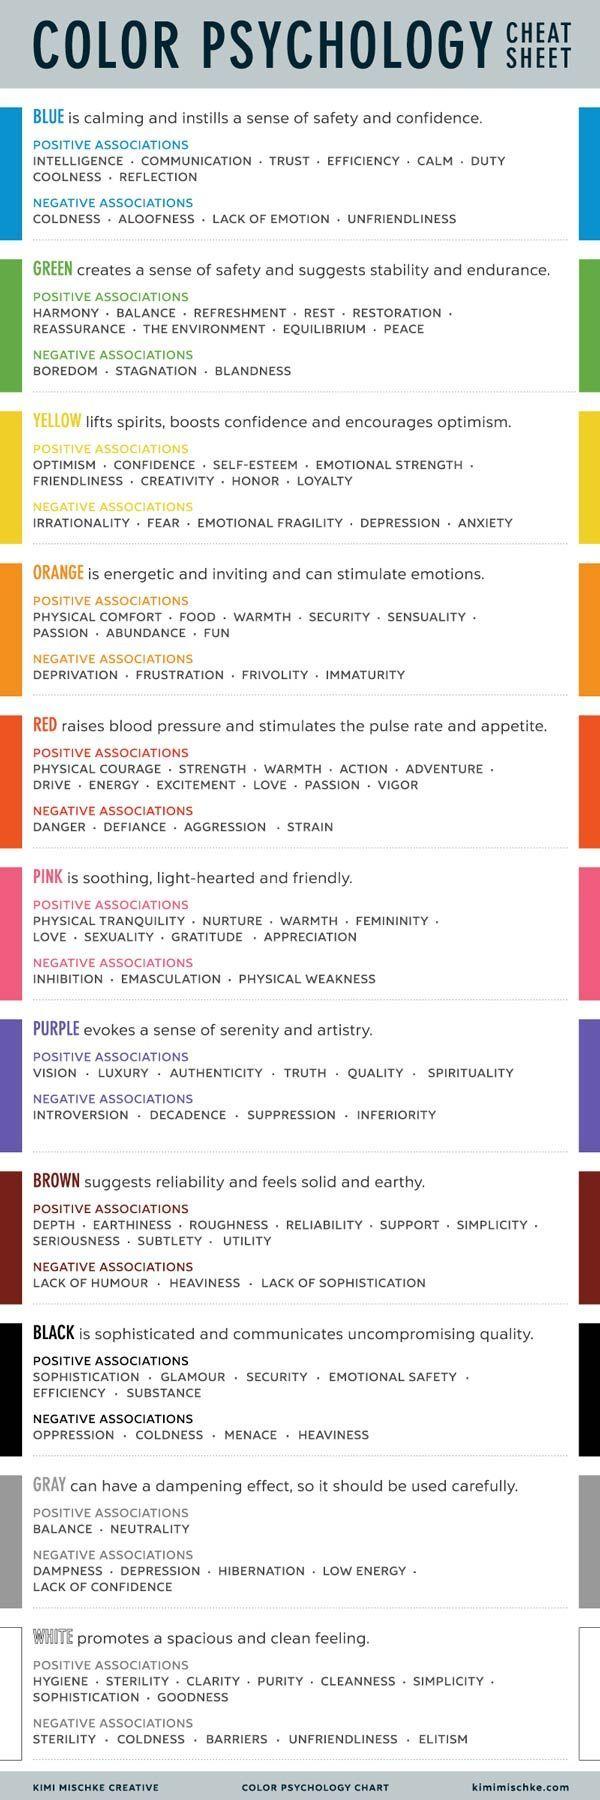 Psychology : color-psychology-cheat-sheet